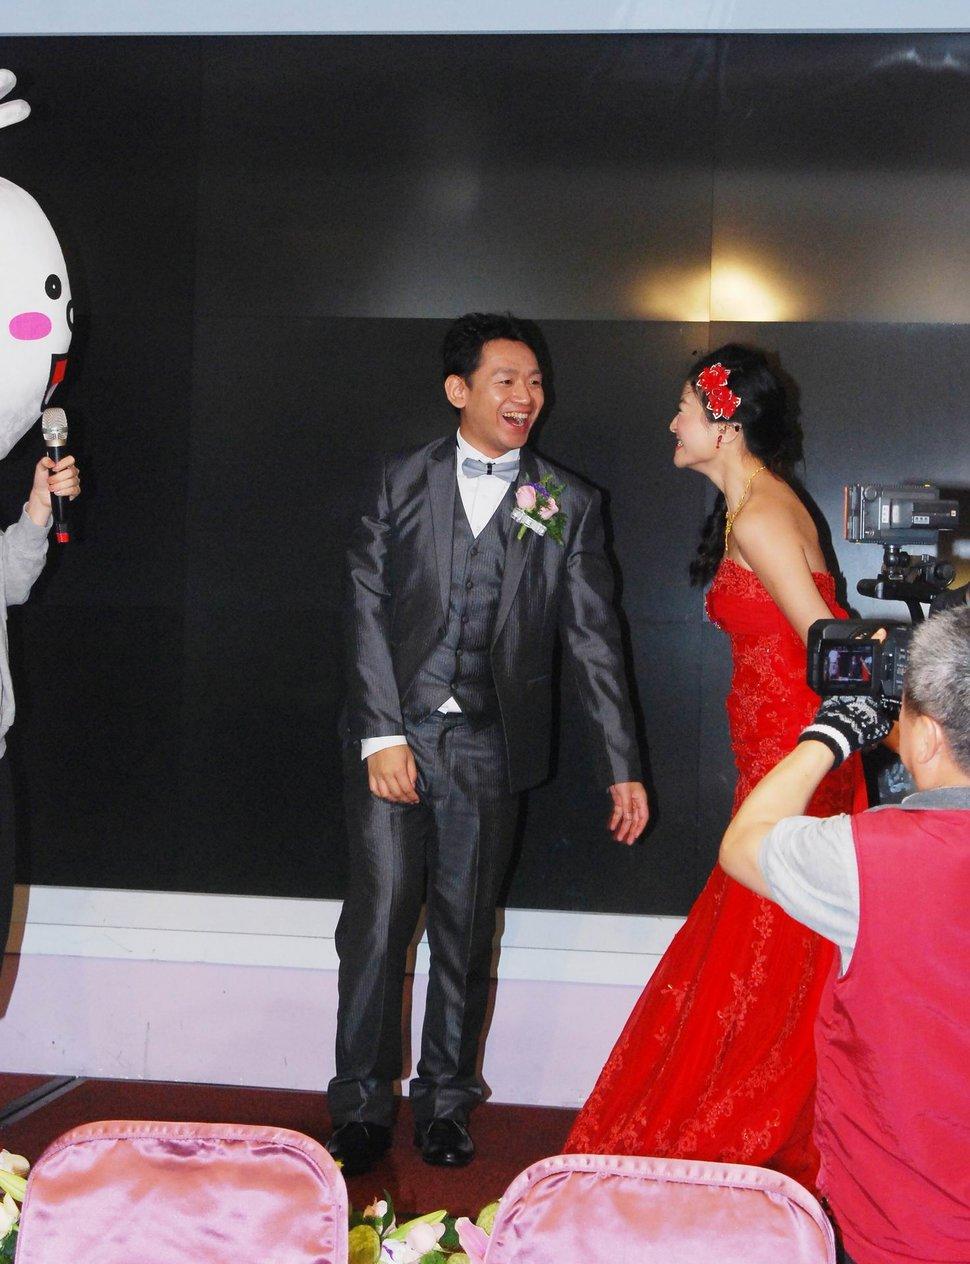 汐止那米哥餐廳婚宴會館餐廳婚攝j婚錄結婚迎娶婚禮記錄動態微電影錄影專業錄影平面攝影婚禮紀錄婚攝婚錄主持人(編號:280748) - 蜜月拍照10800錄影12800攝影團隊 - 結婚吧